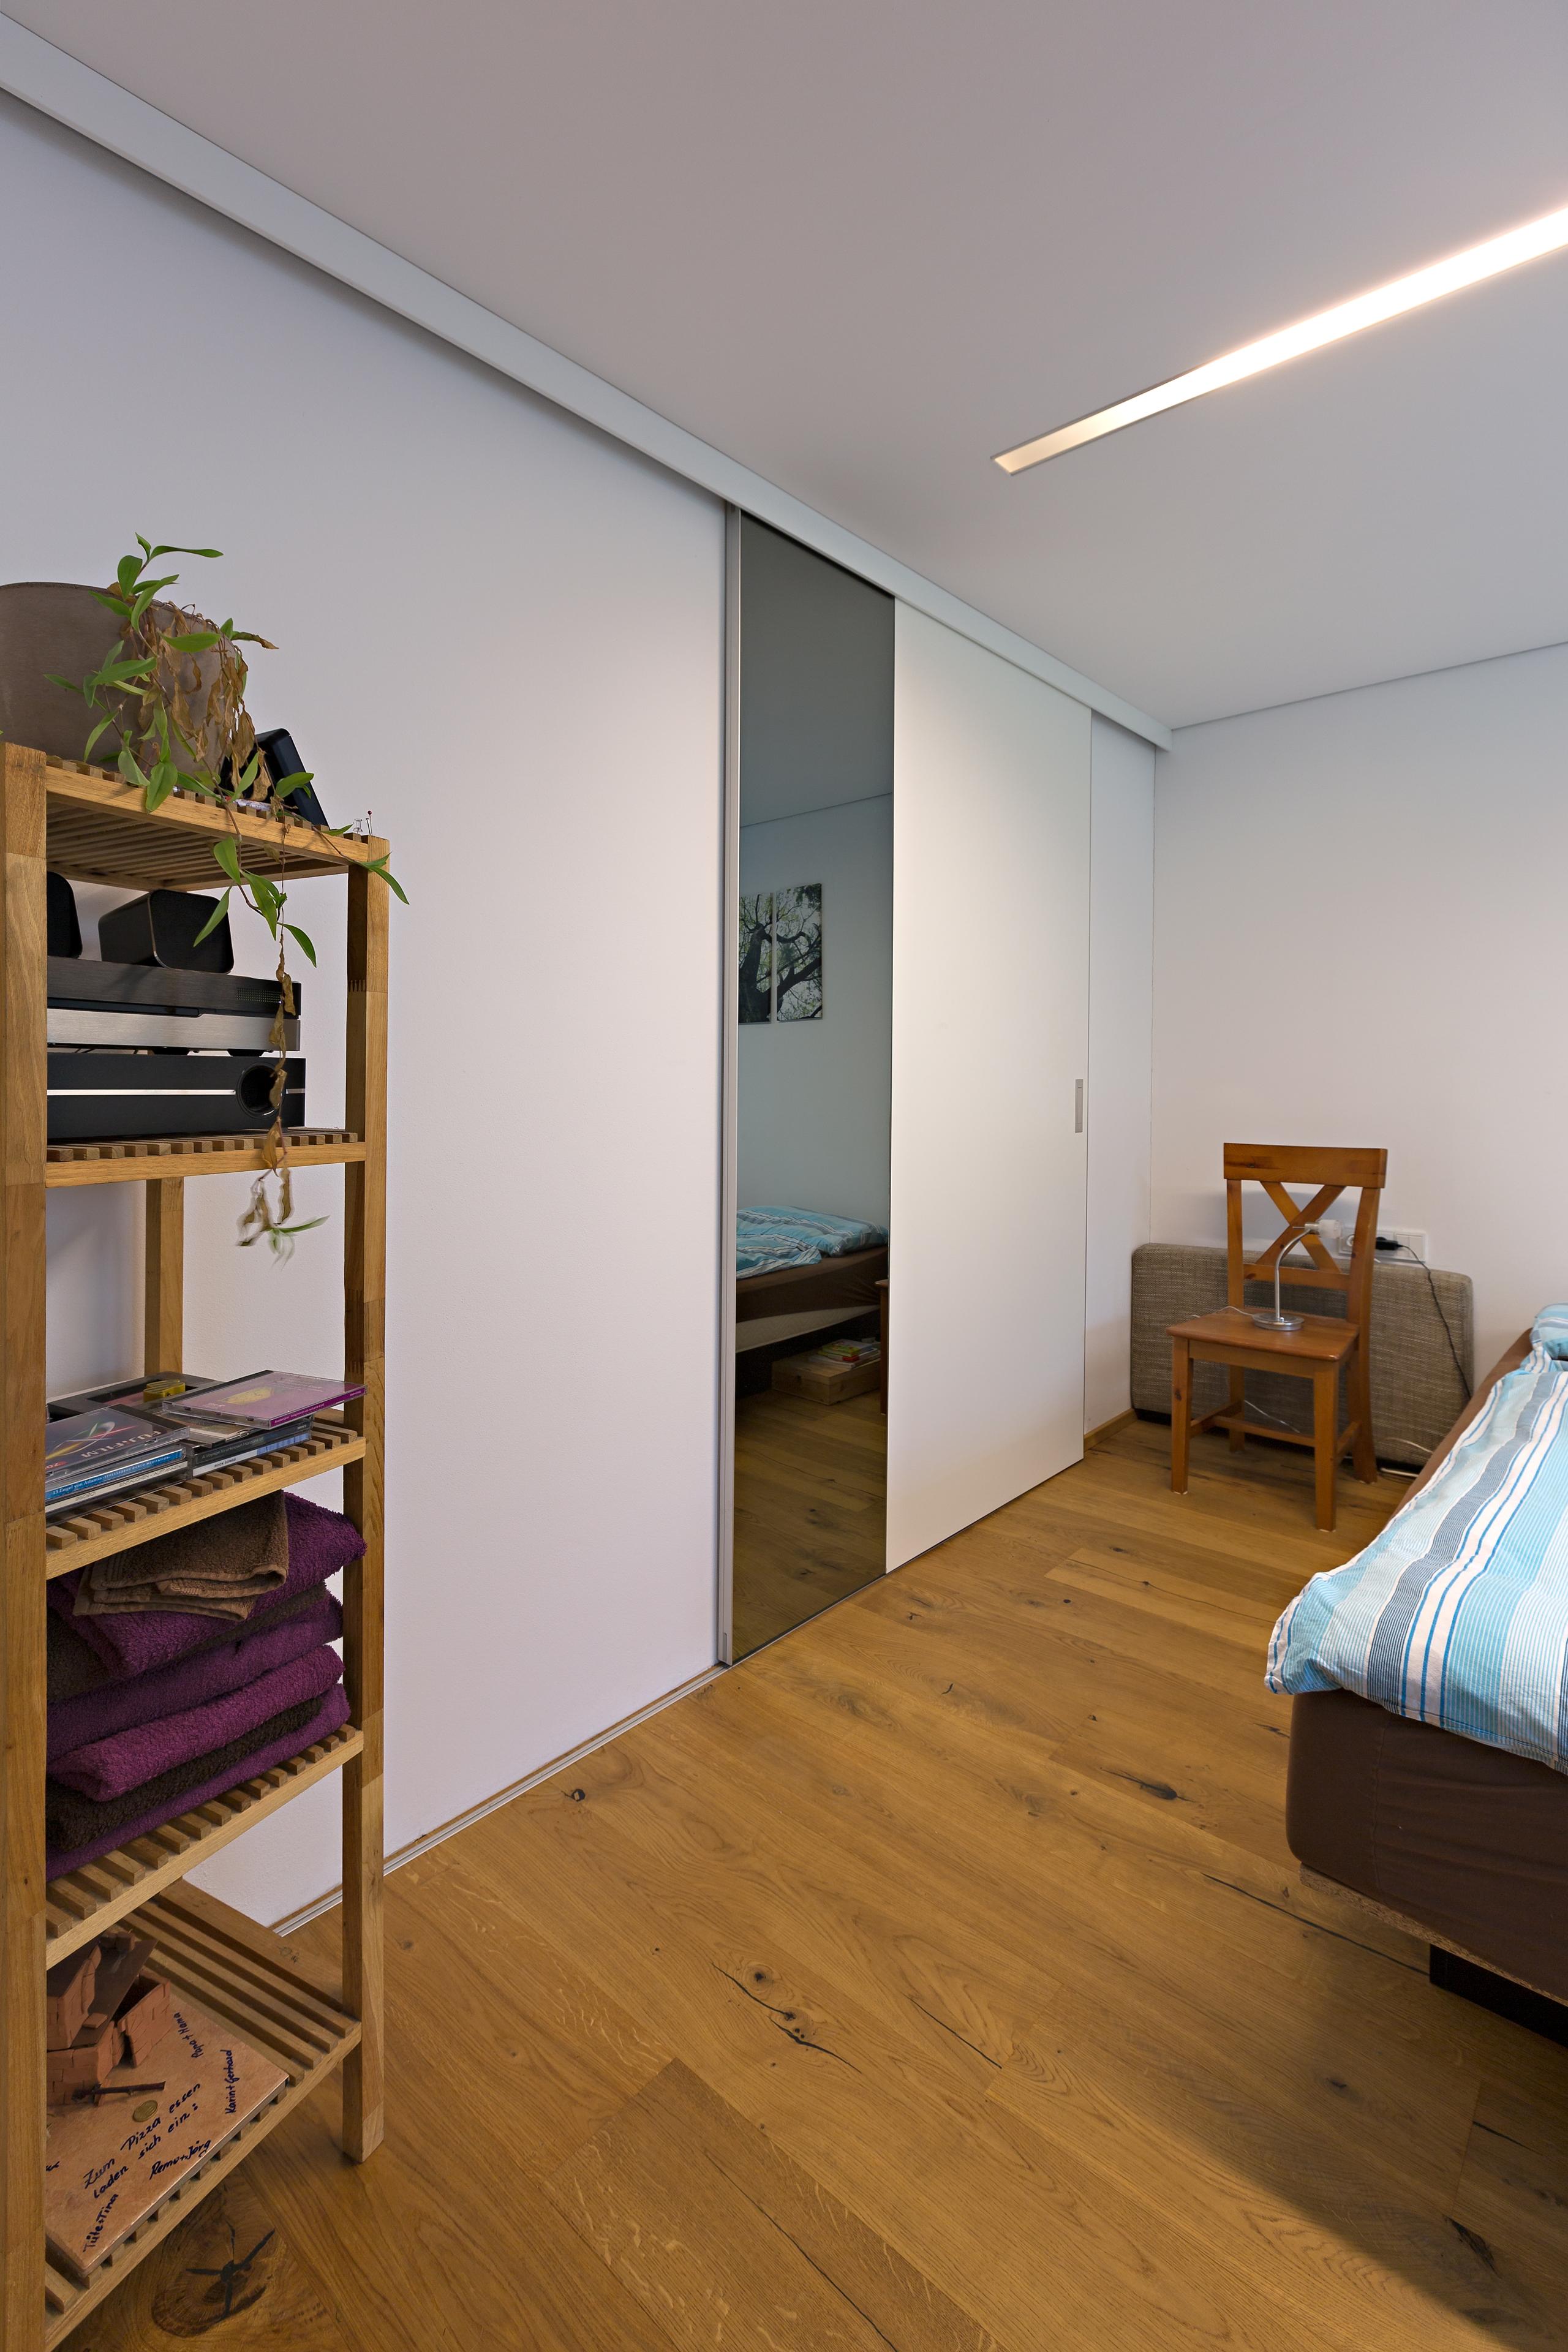 ankleideraum neben dem eltern schlafzimmer auf zu. Black Bedroom Furniture Sets. Home Design Ideas